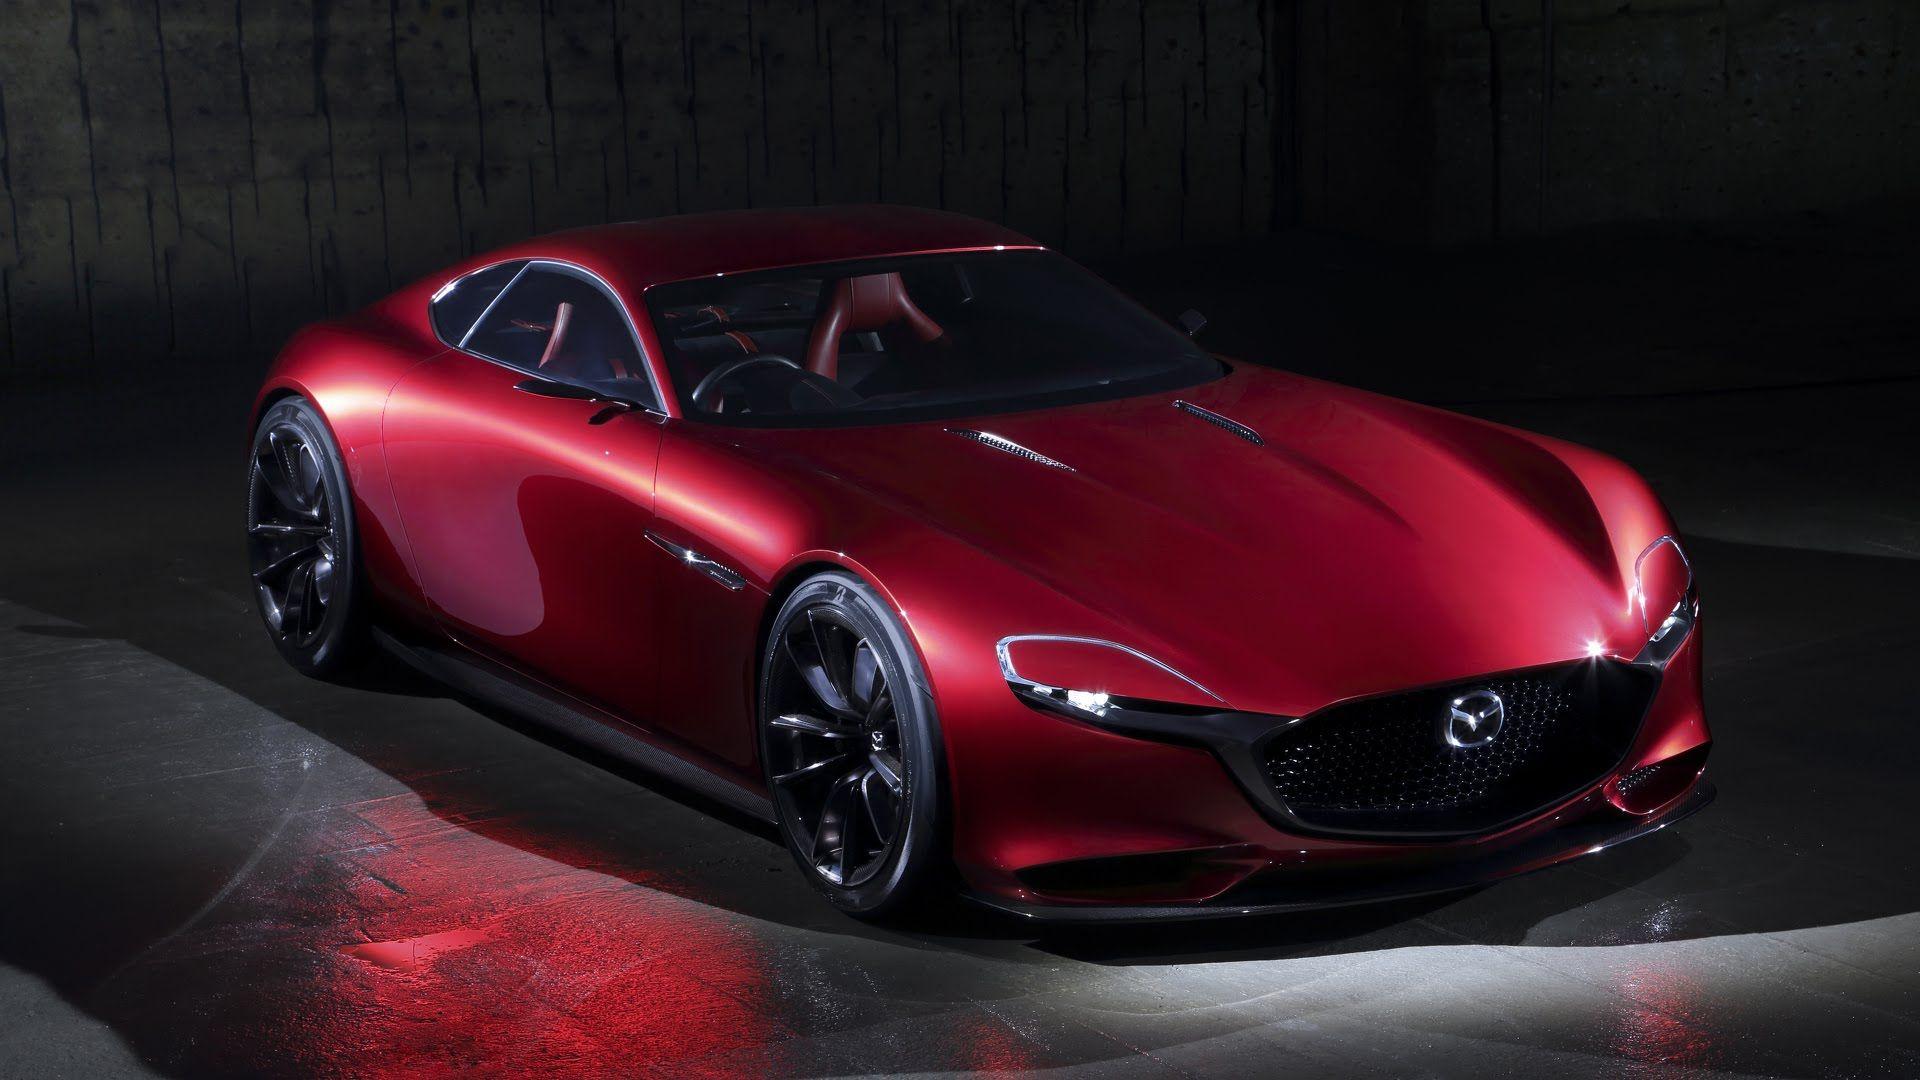 2020 Mazda Rx 9 New Sports Cars Mazda Cars Mazda